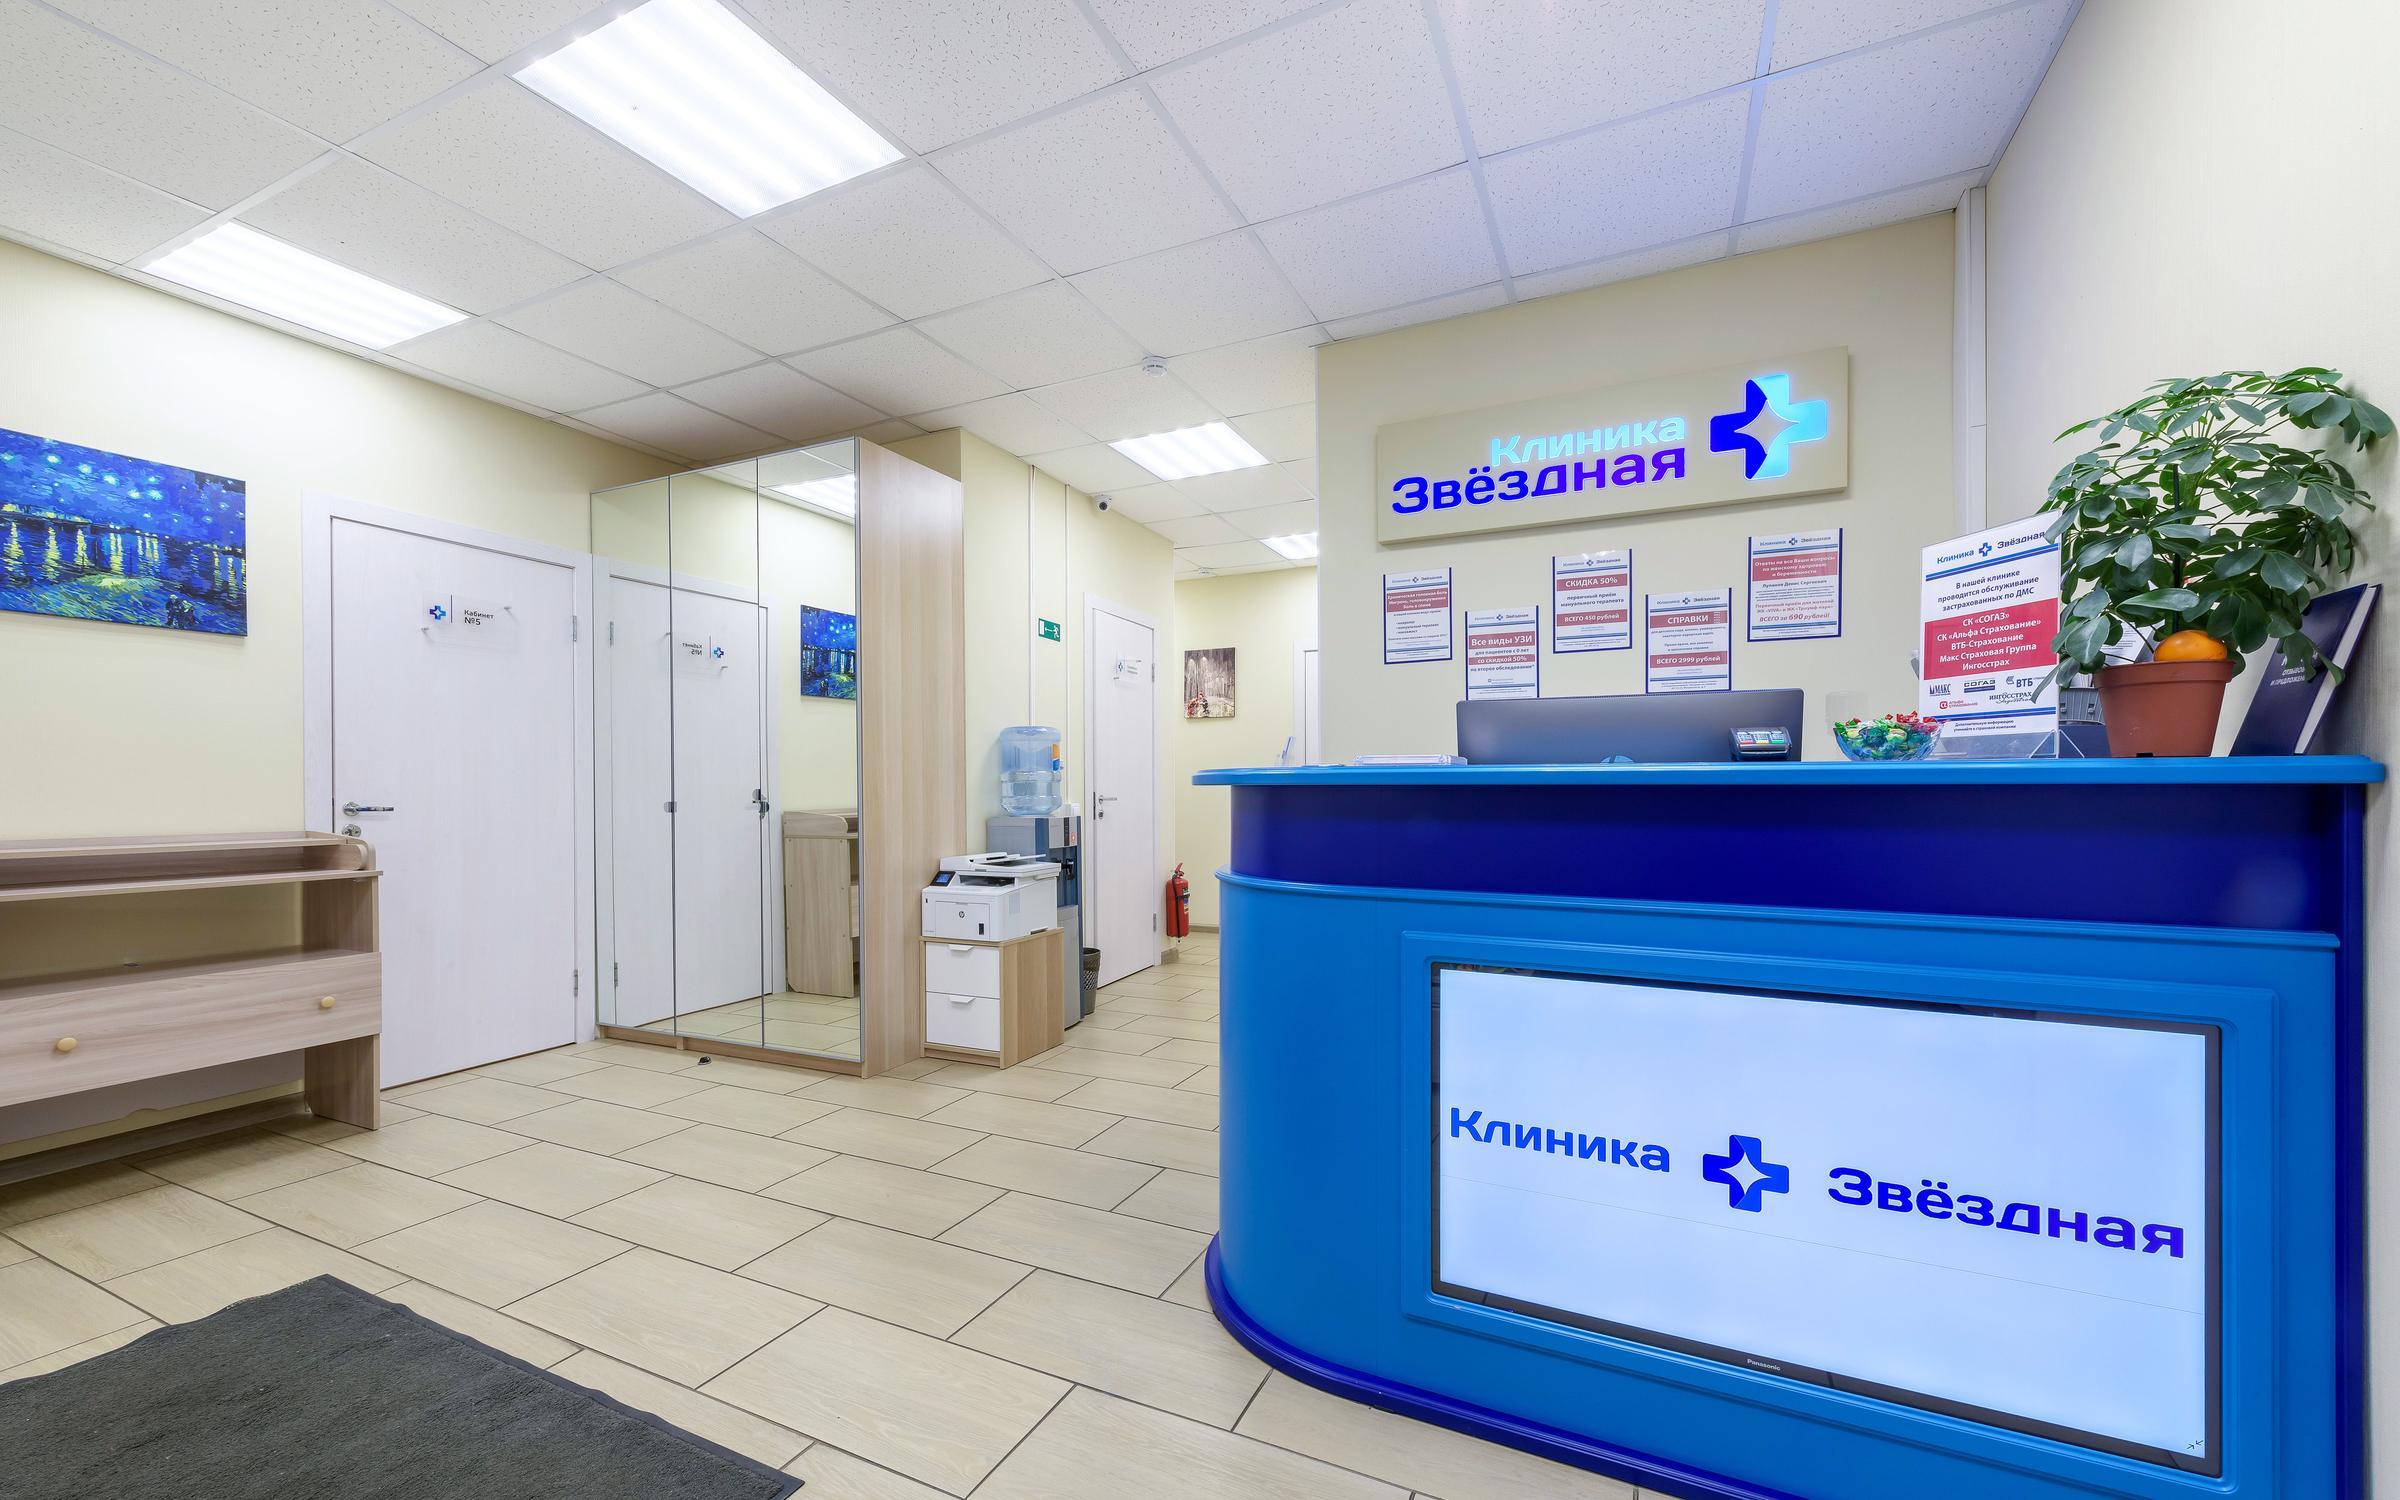 фотография Клиники Звездная на Московском шоссе